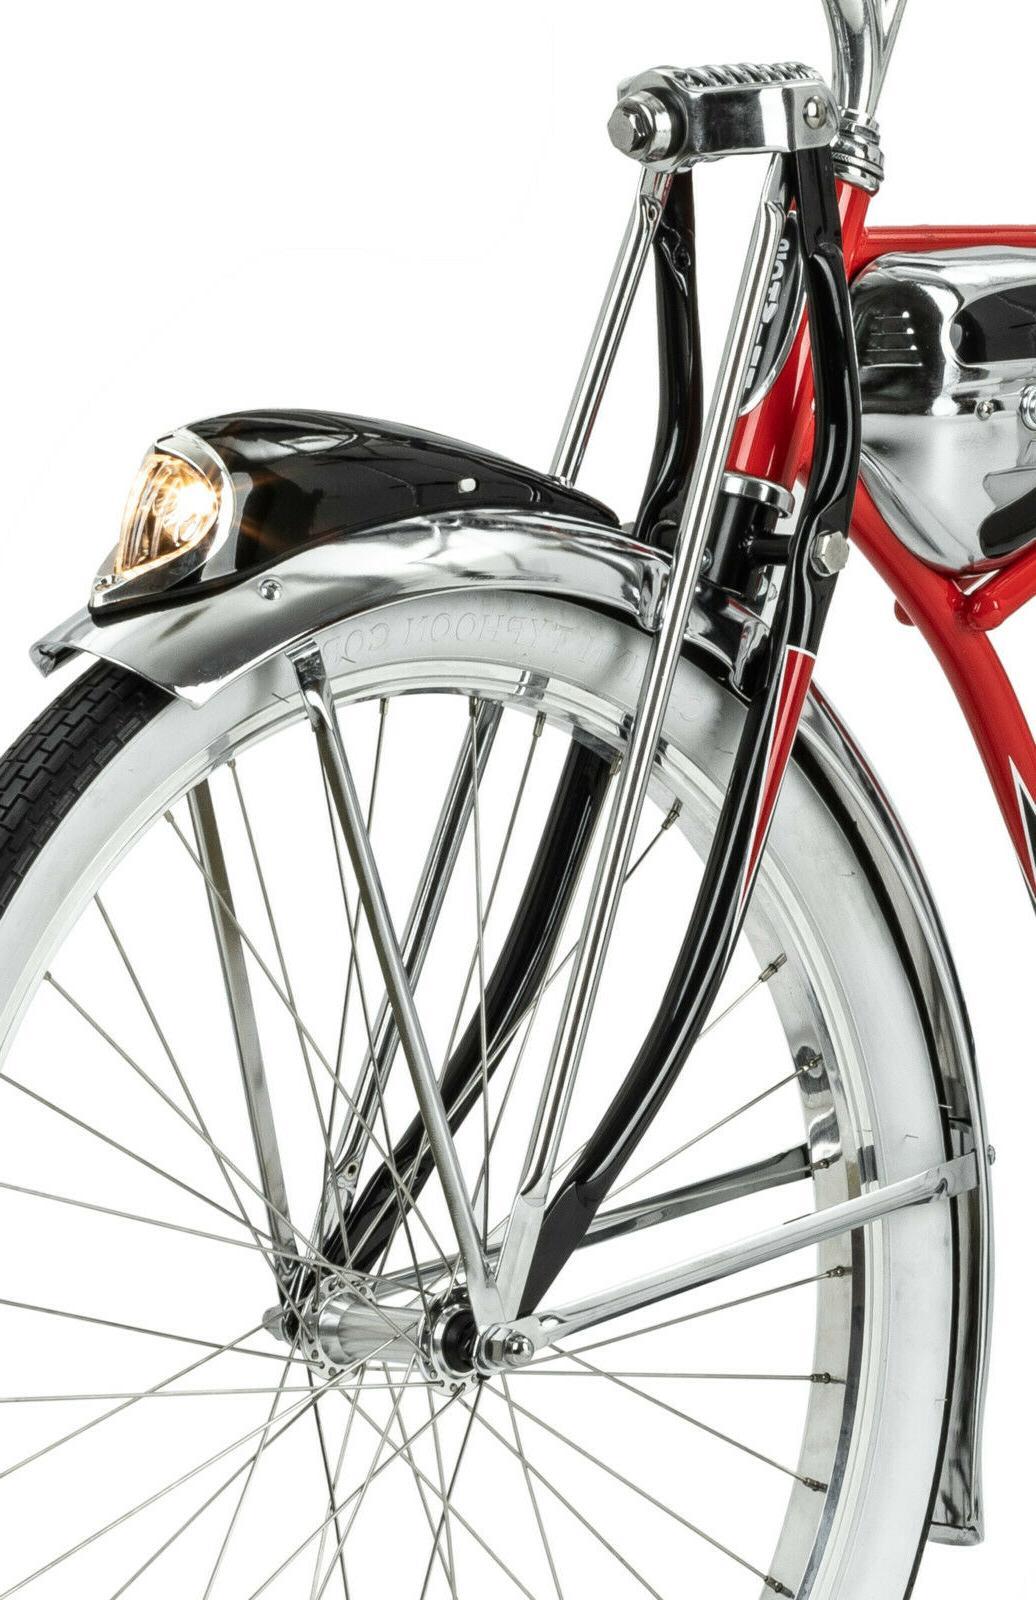 Schwinn Phantom Bike, 26-inch wheels, black